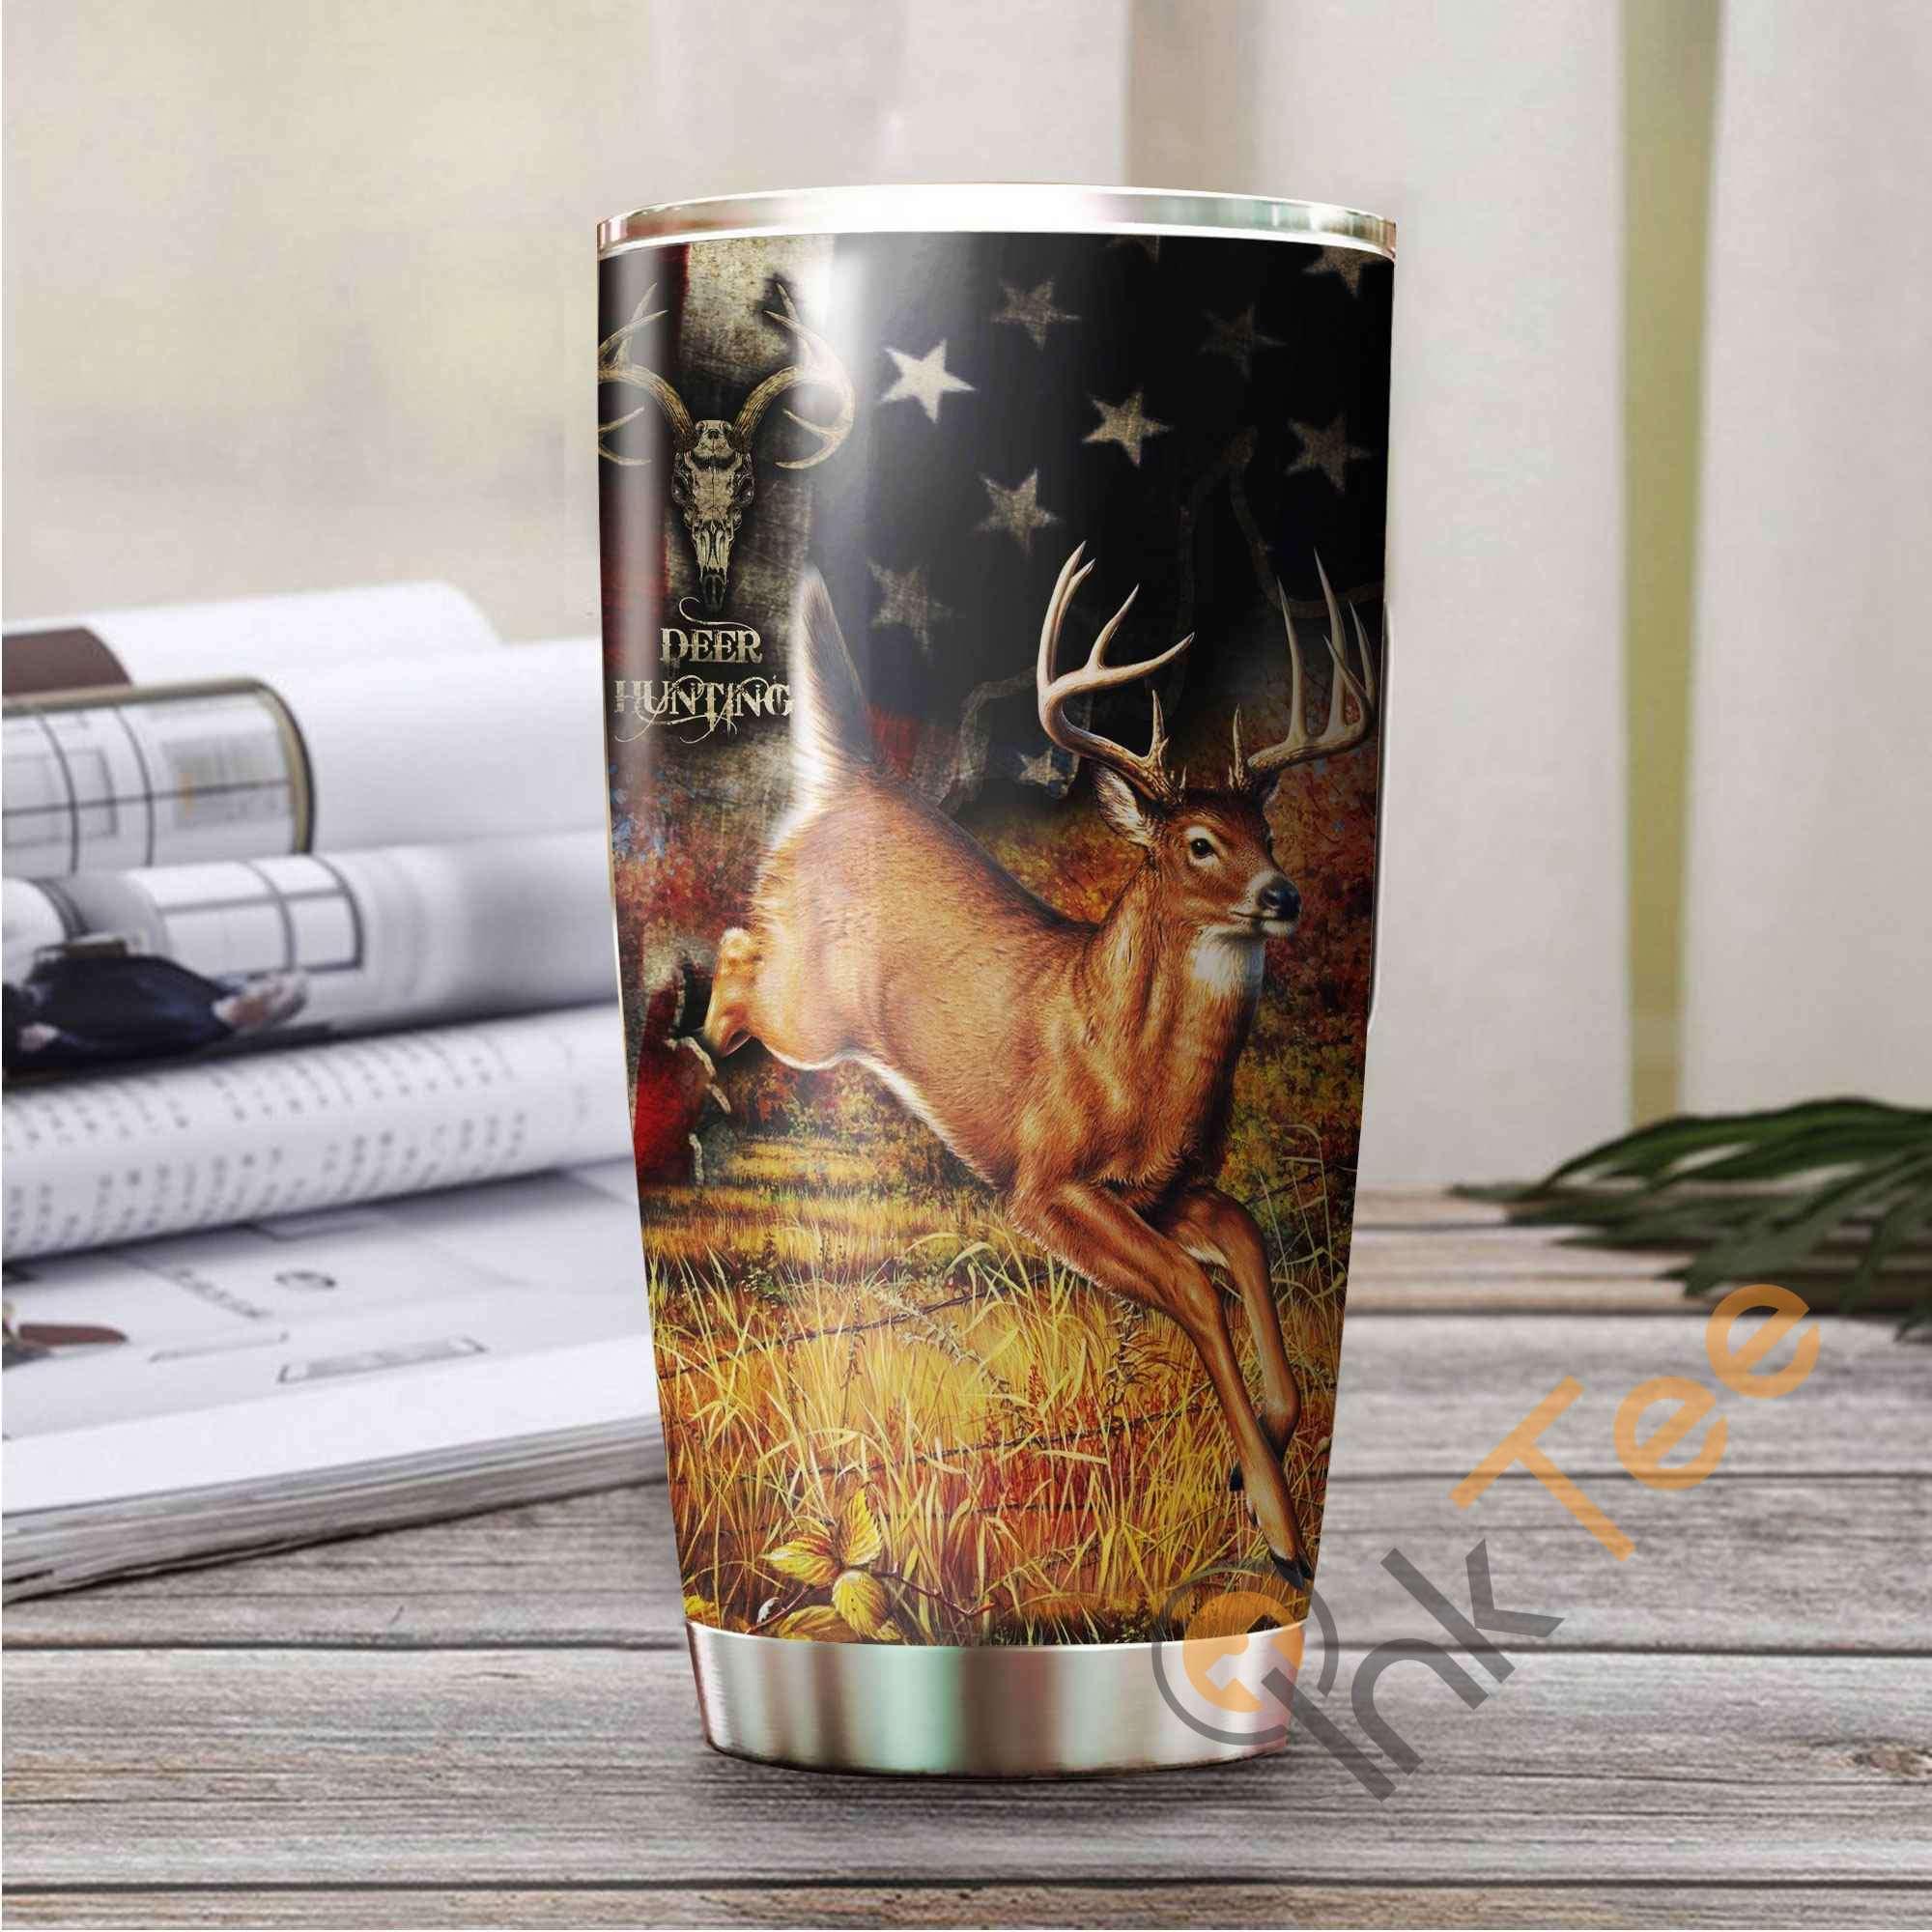 Deer Hunting Camo Amazon Best Seller Sku 2532 Stainless Steel Tumbler